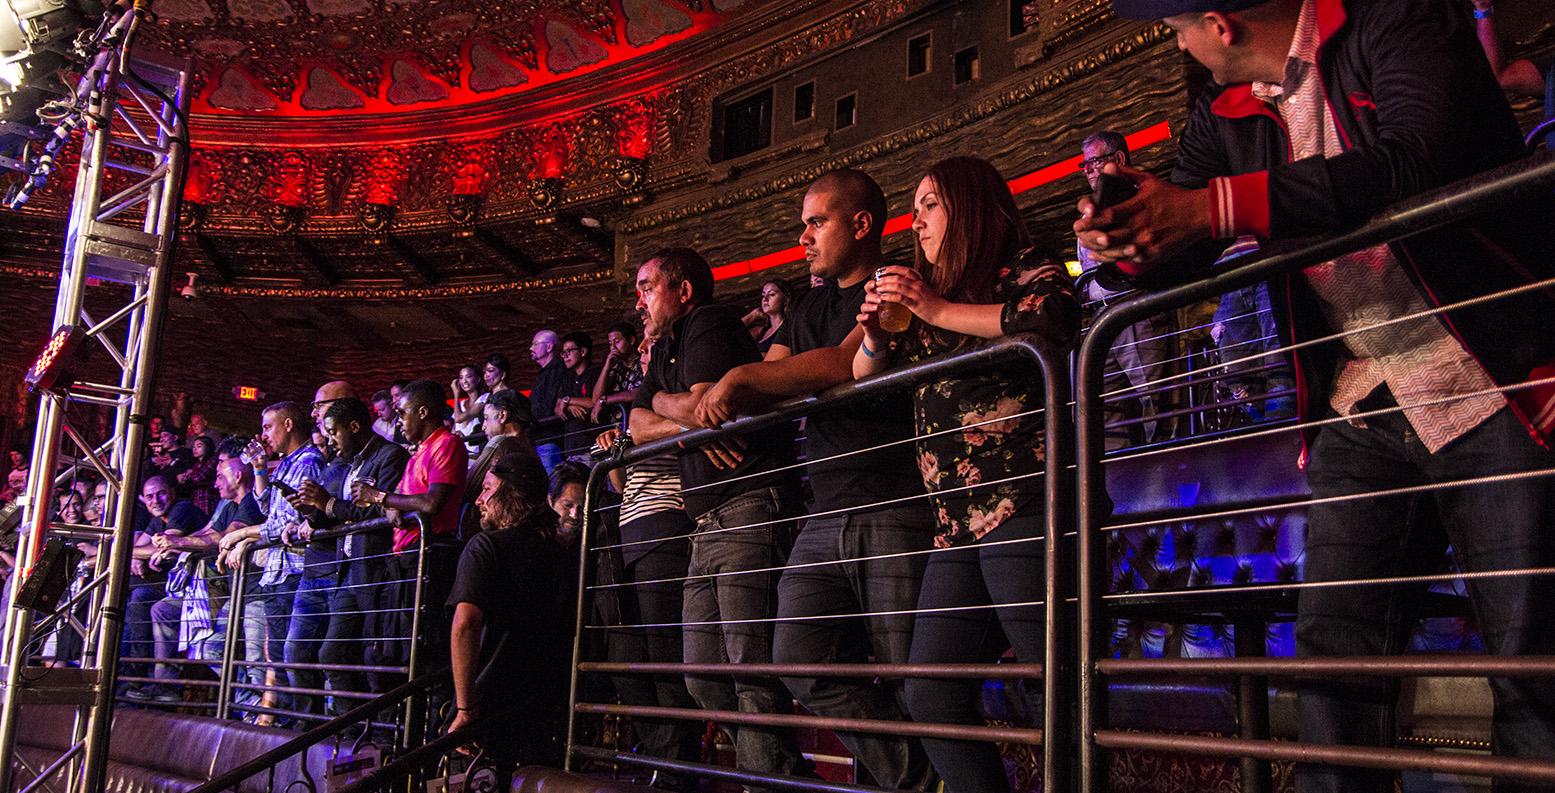 Isreal Visita La Lona Por Cortesía de Alexis Rocha en Belasco Theater